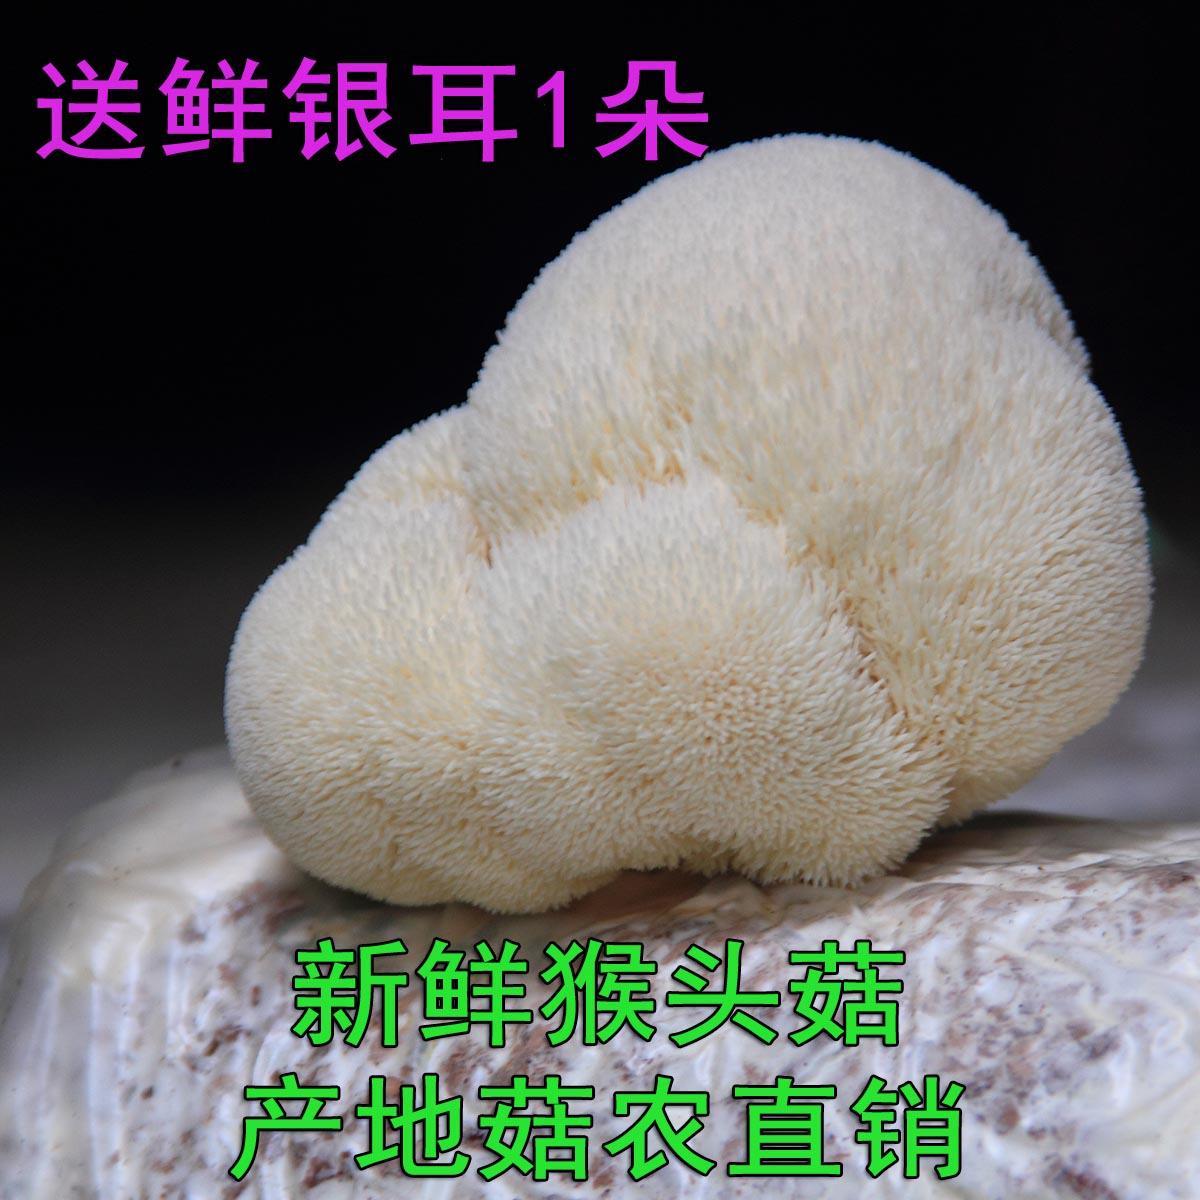 古田新鲜猴头菇生鲜活蘑菇非干货食用菌菇福建农家土特产2斤顺丰